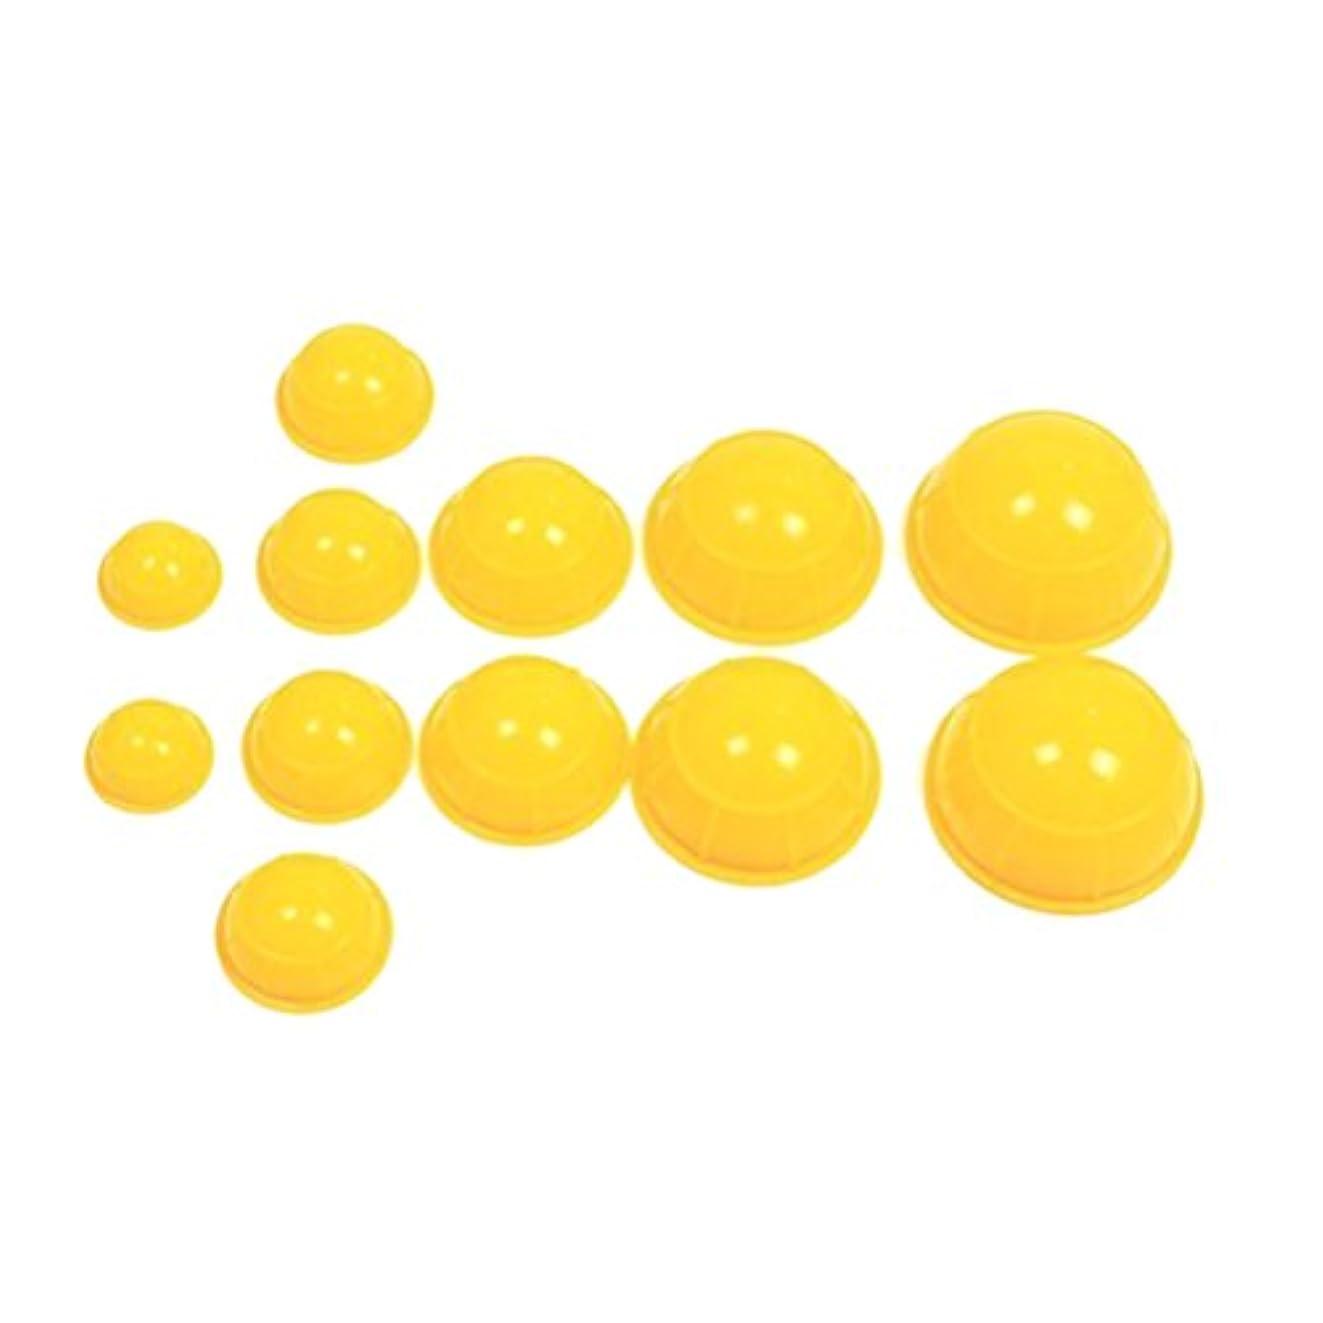 軍団優越報いるROSENICE シリコーンマッサージカッピングカップセットボディフェイシャルセラピーカッピングカップ12個(イエロー)